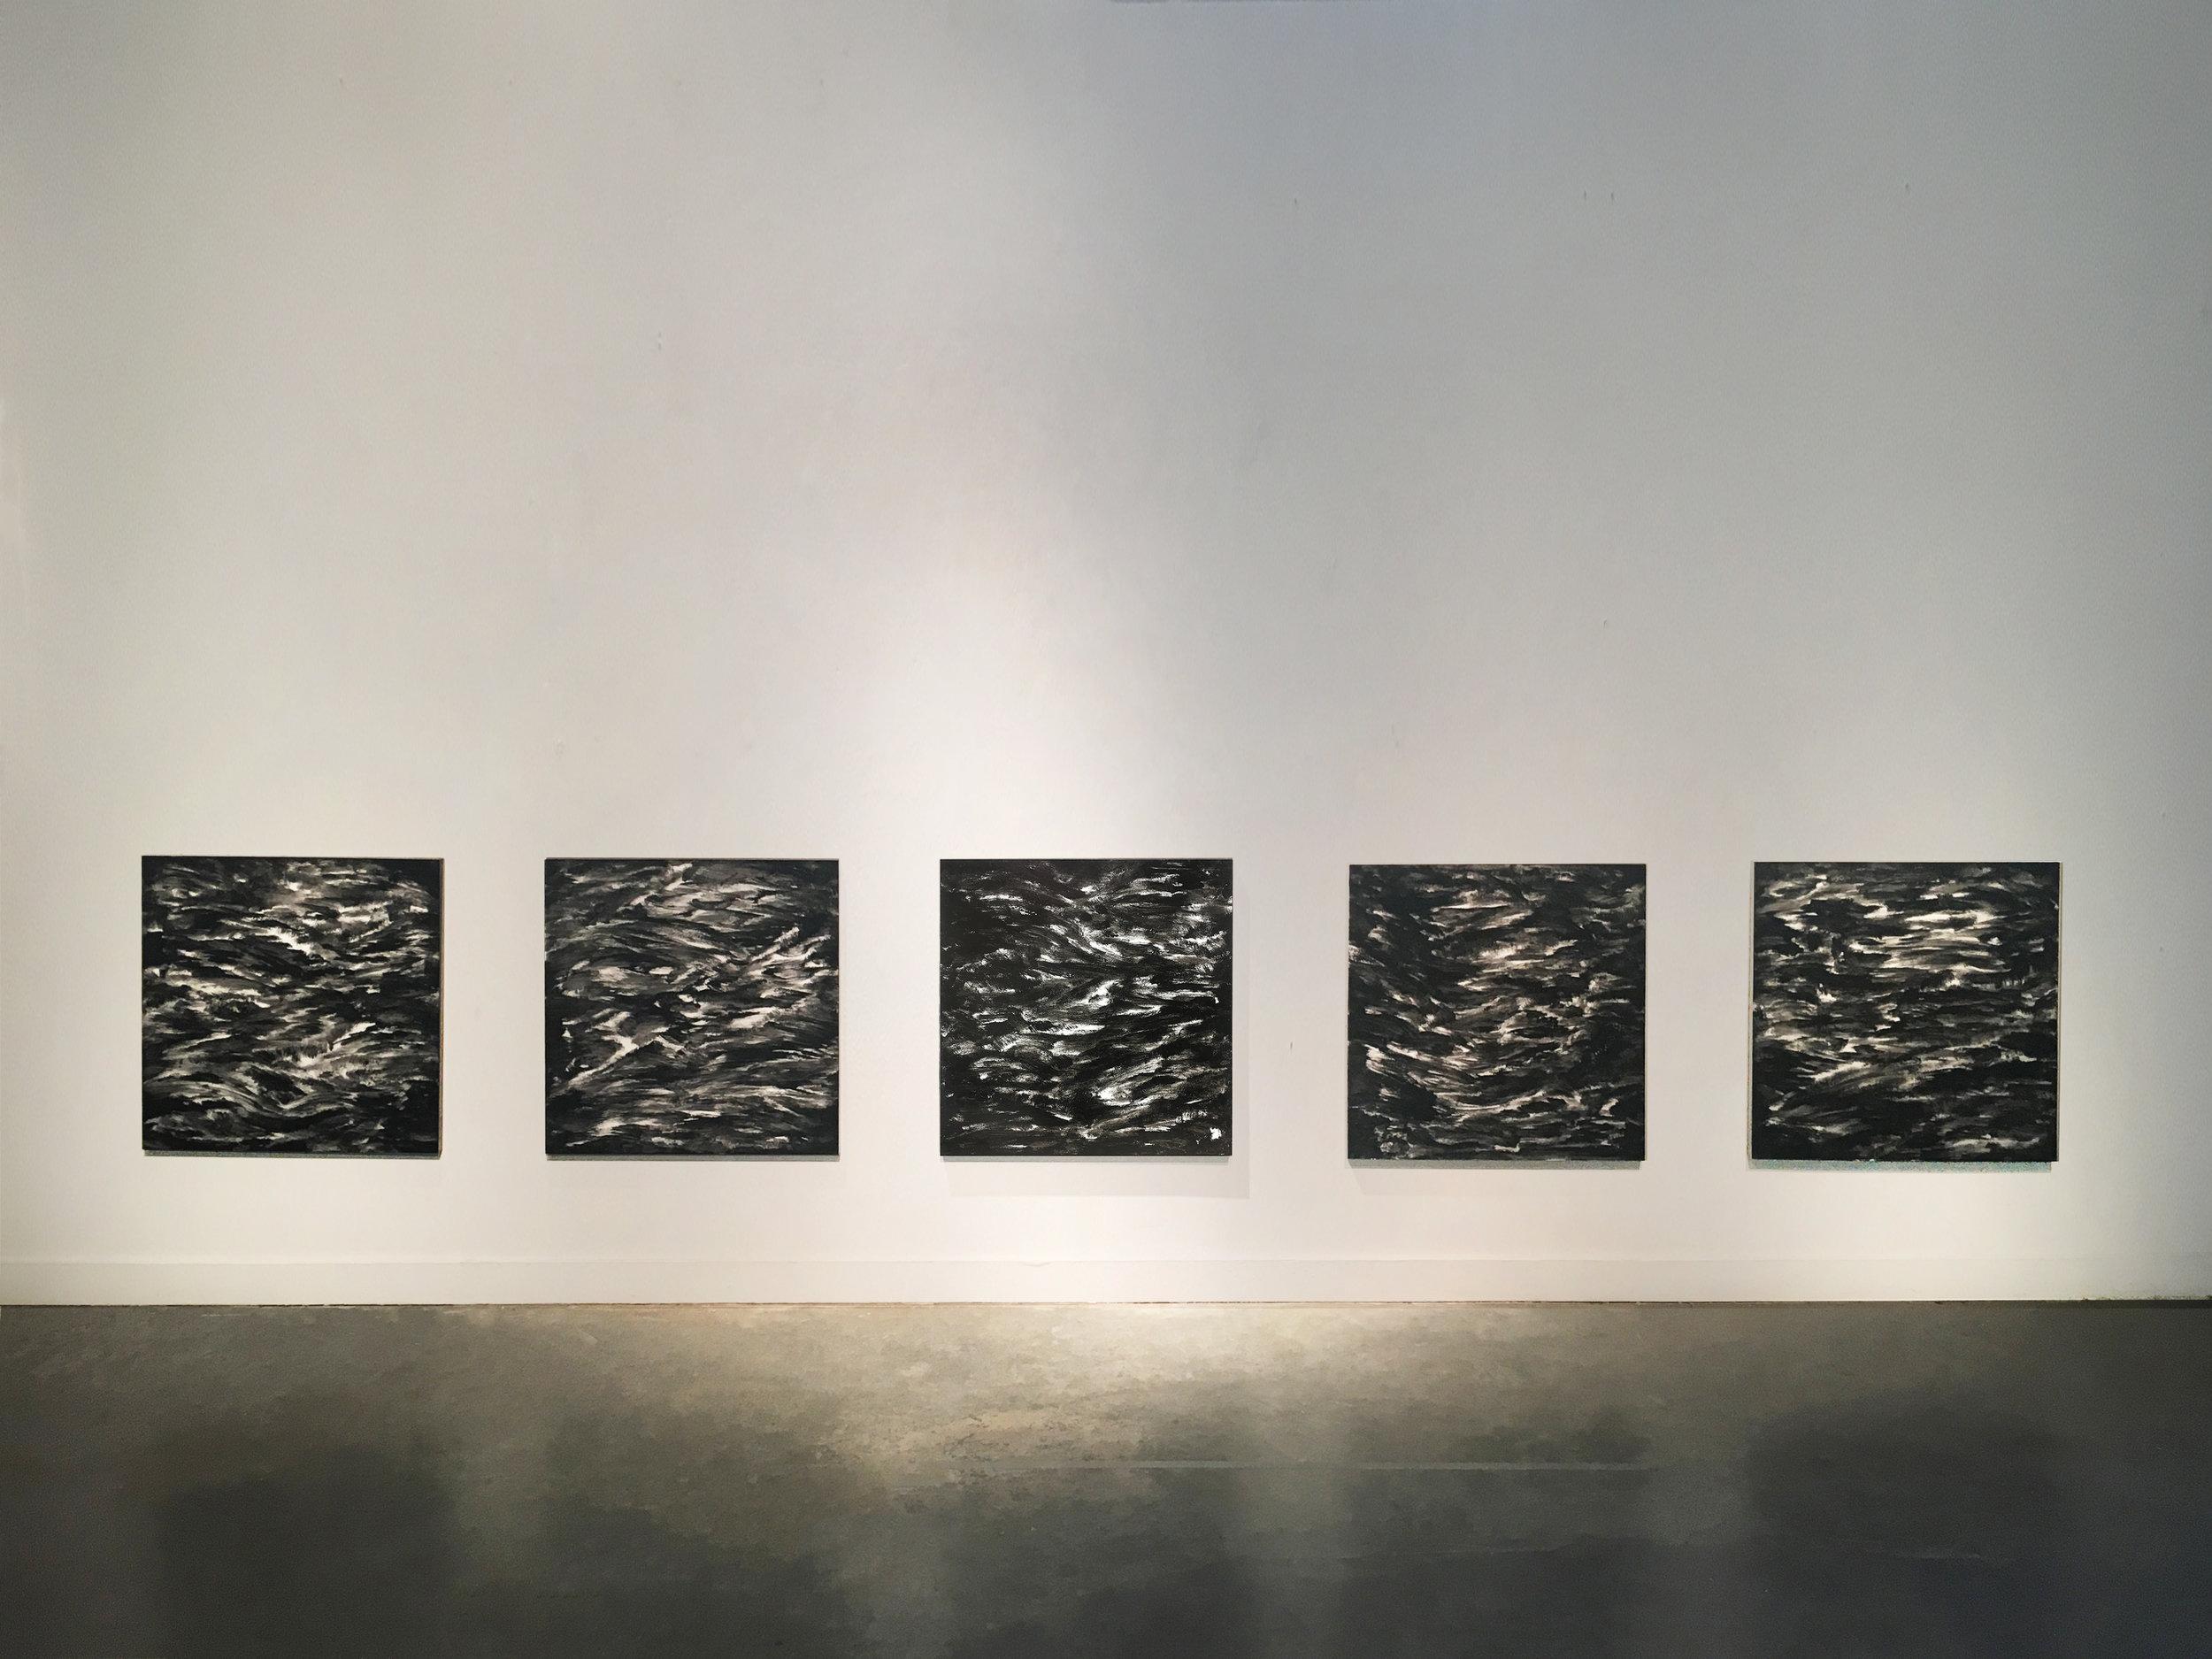 Black Water Painting Series